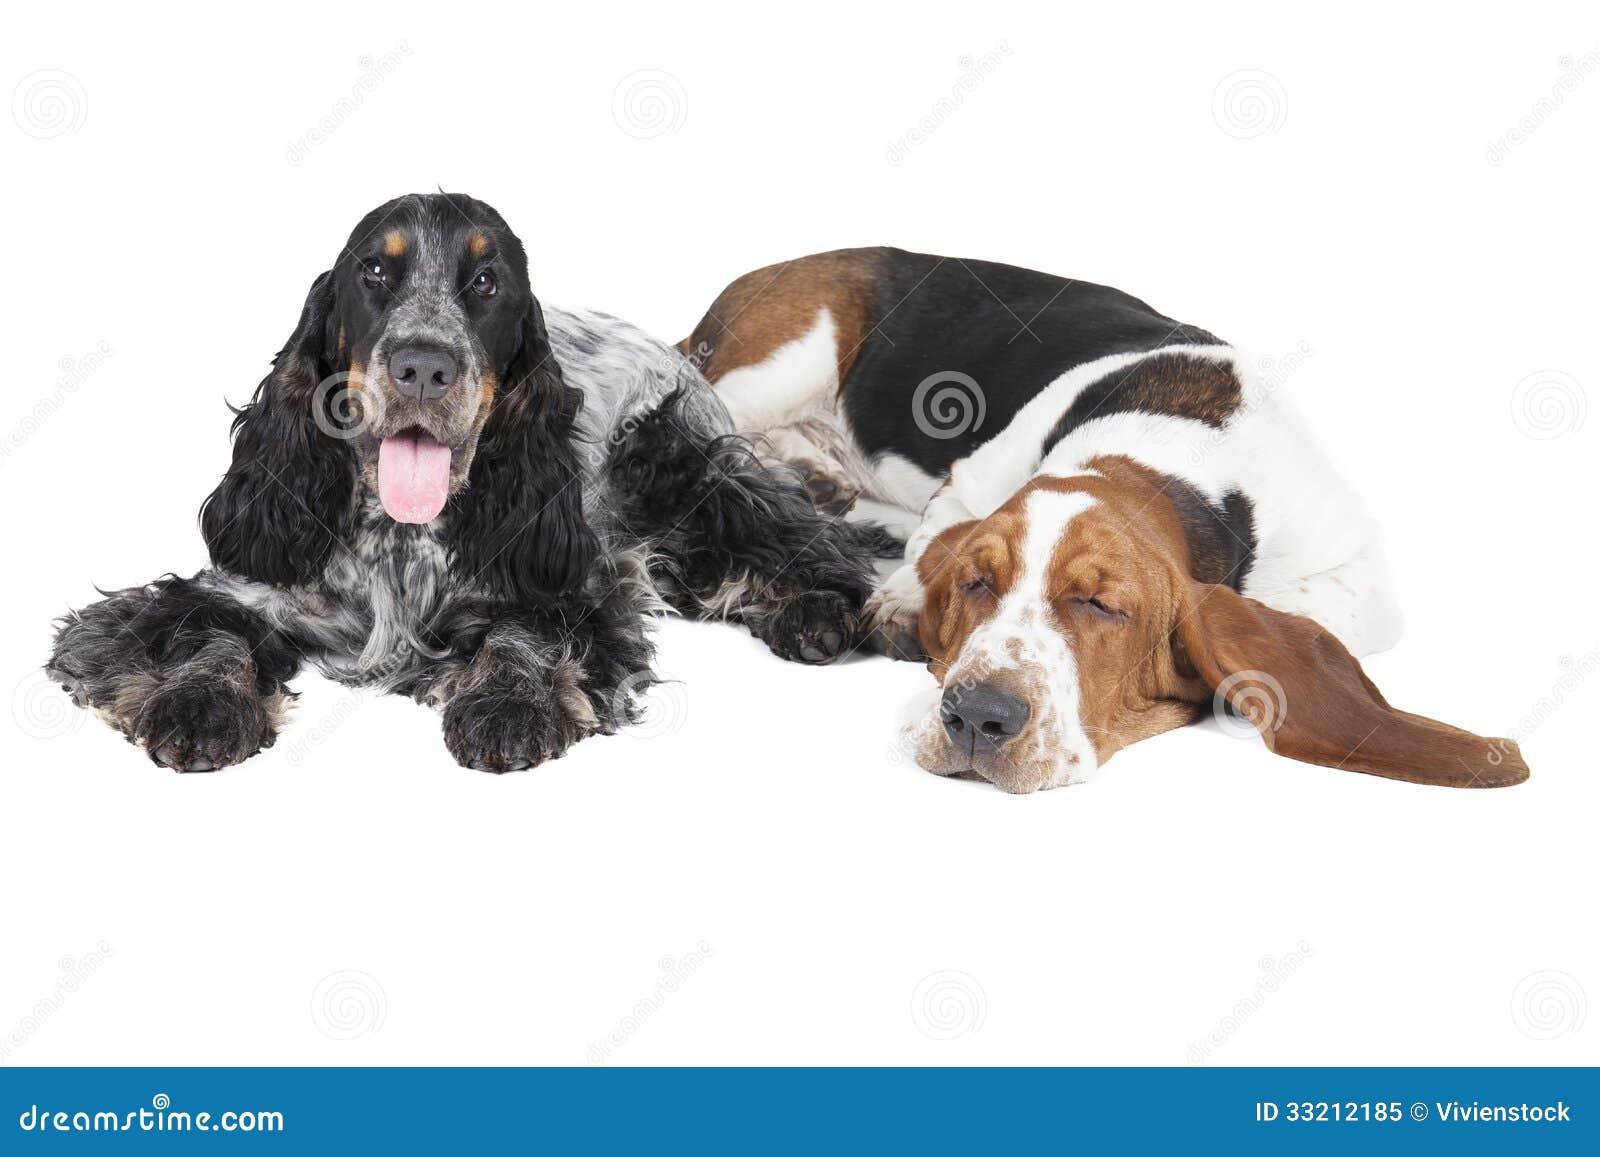 zwei hunde basset und englisch cocker spaniel lizenzfreies stockfoto bild 33212185. Black Bedroom Furniture Sets. Home Design Ideas